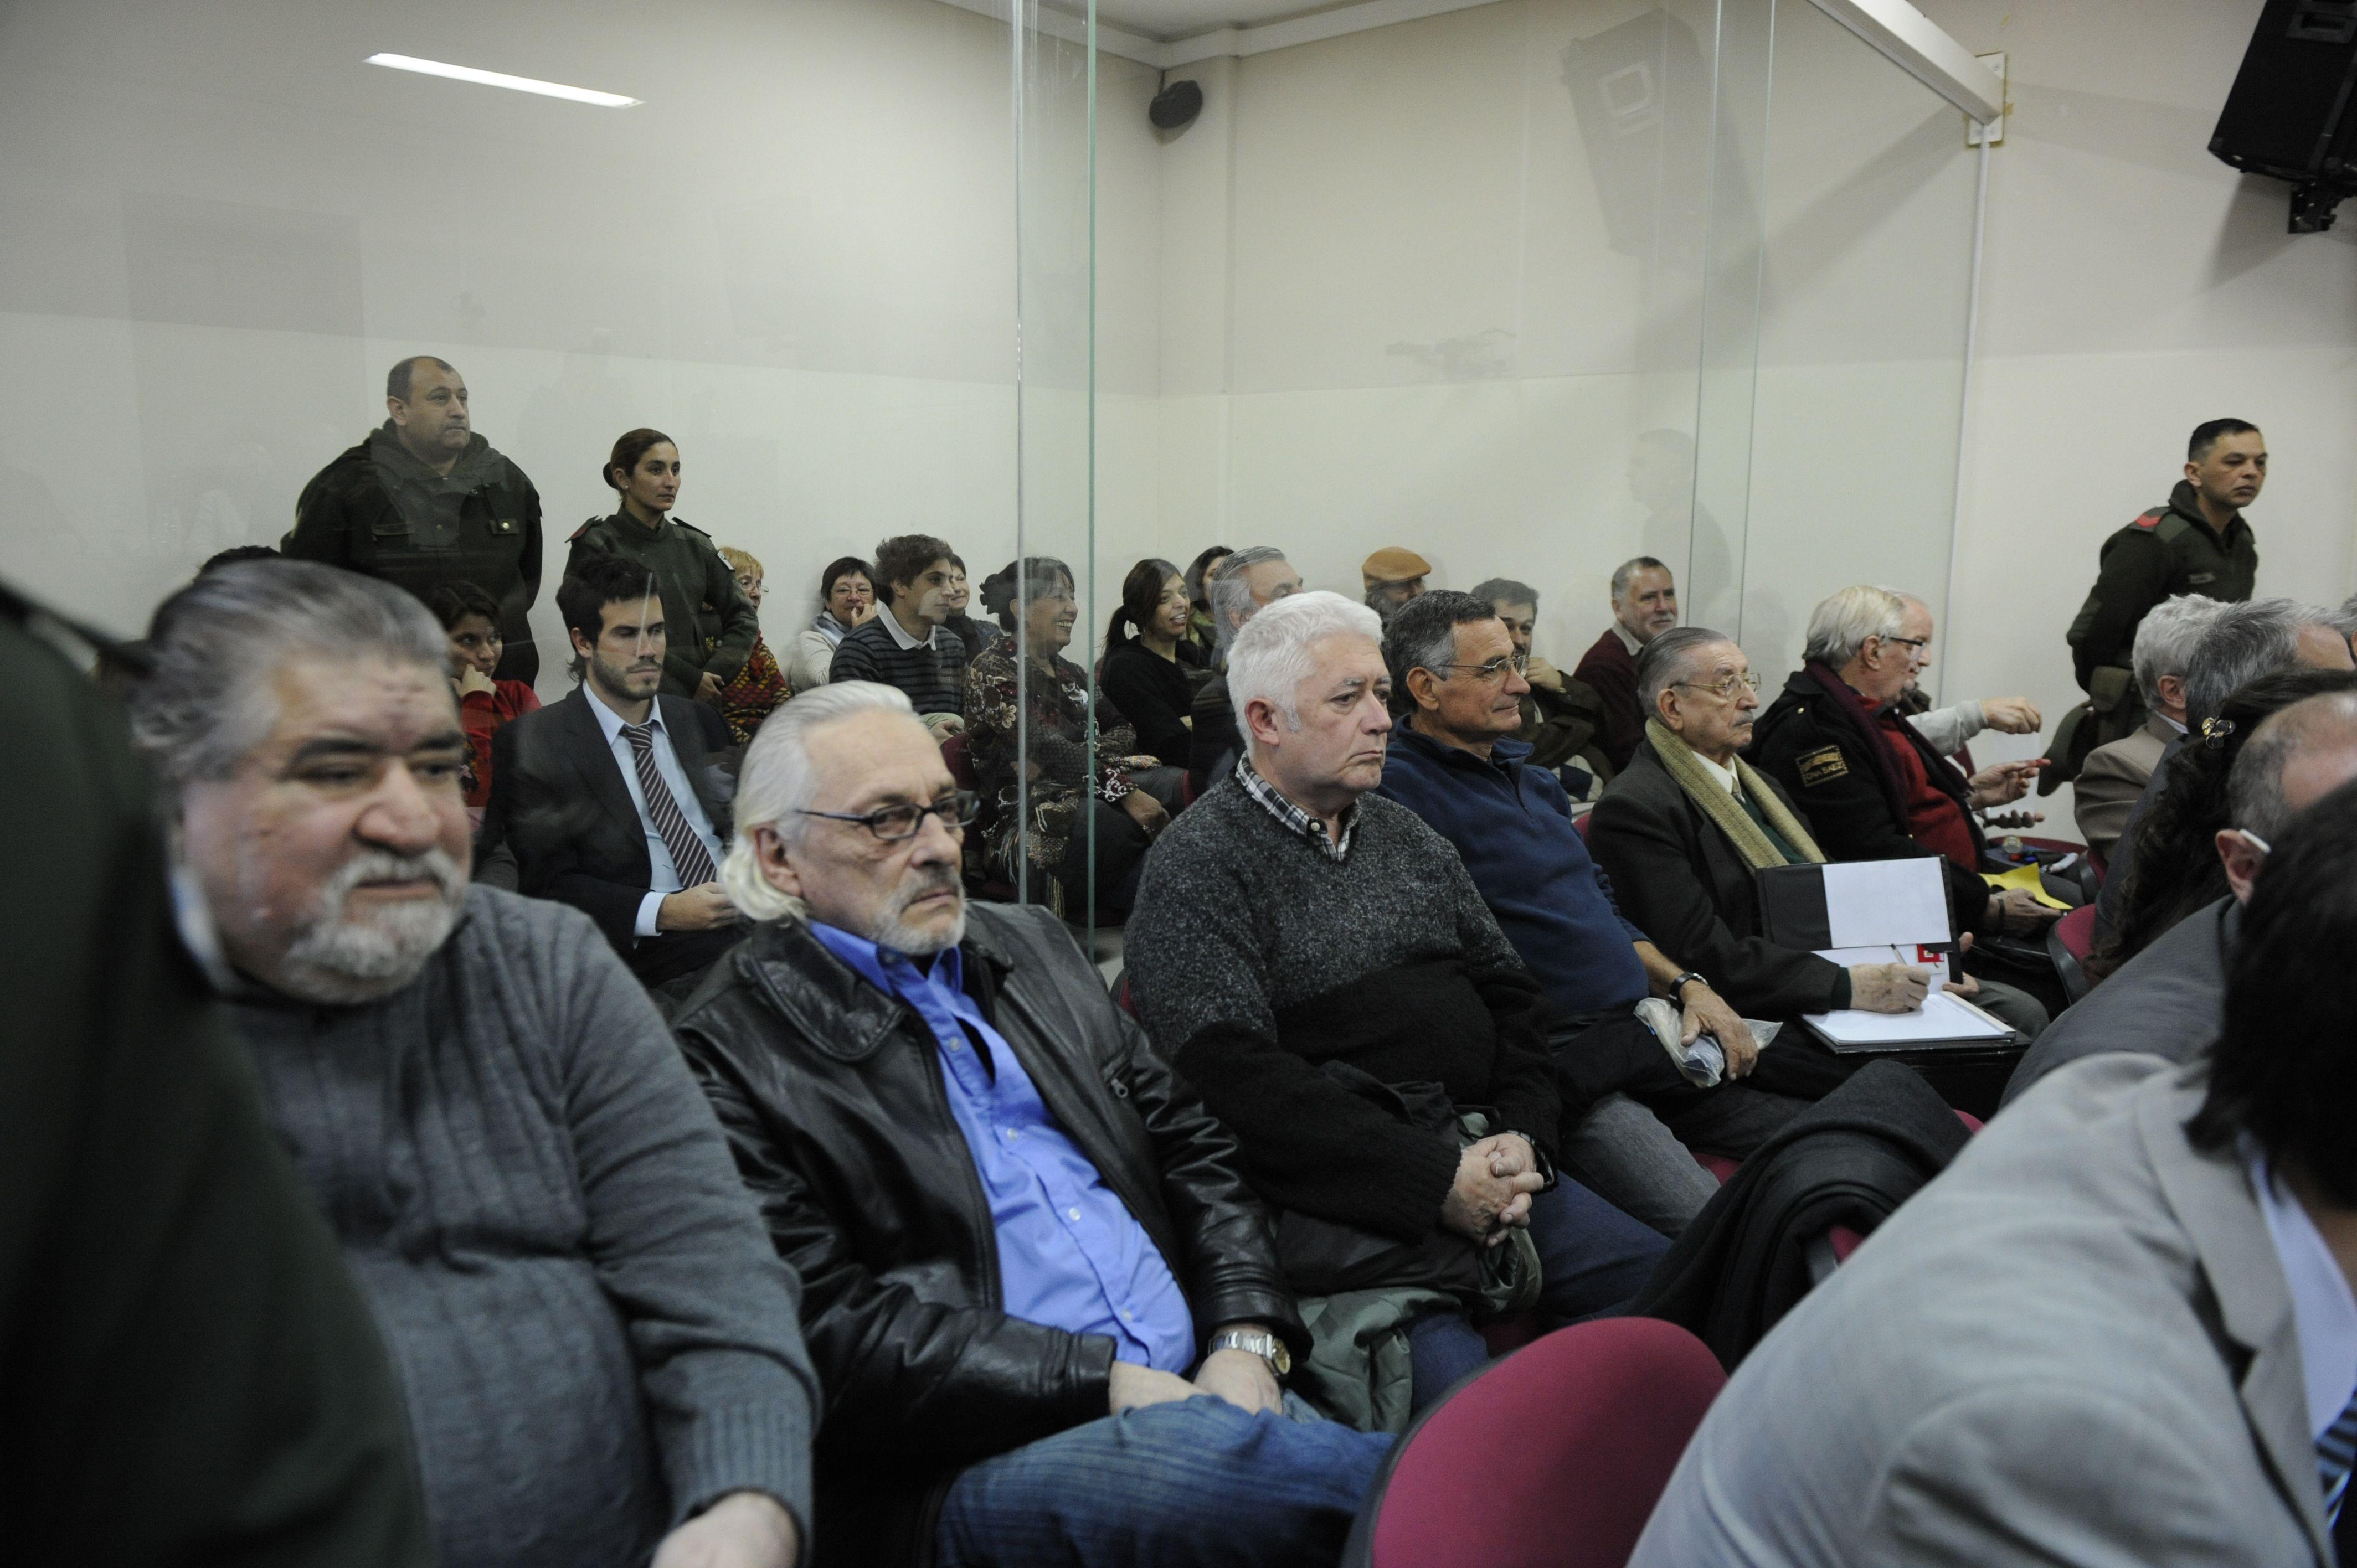 acusados. Siete de los imputados escucharon los cargos en la sala de audiencias.